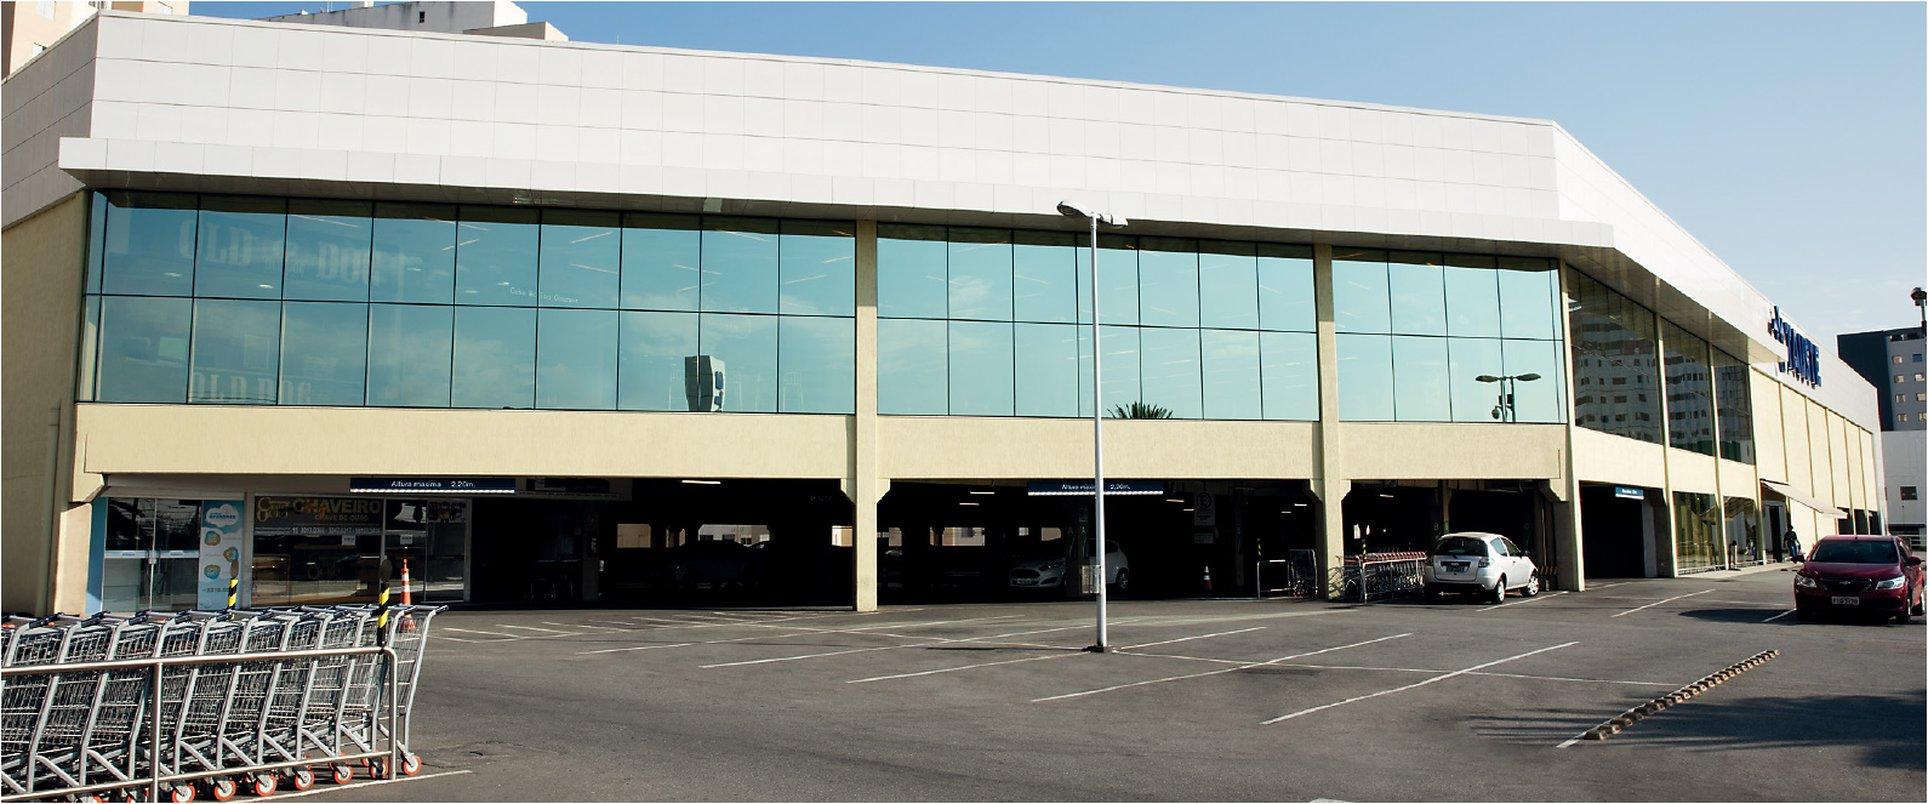 Supermercados Tauste - Sorocaba, SP - Equipe: Bagnato - Arquiteto: Fernando Esteves e Homero Perim